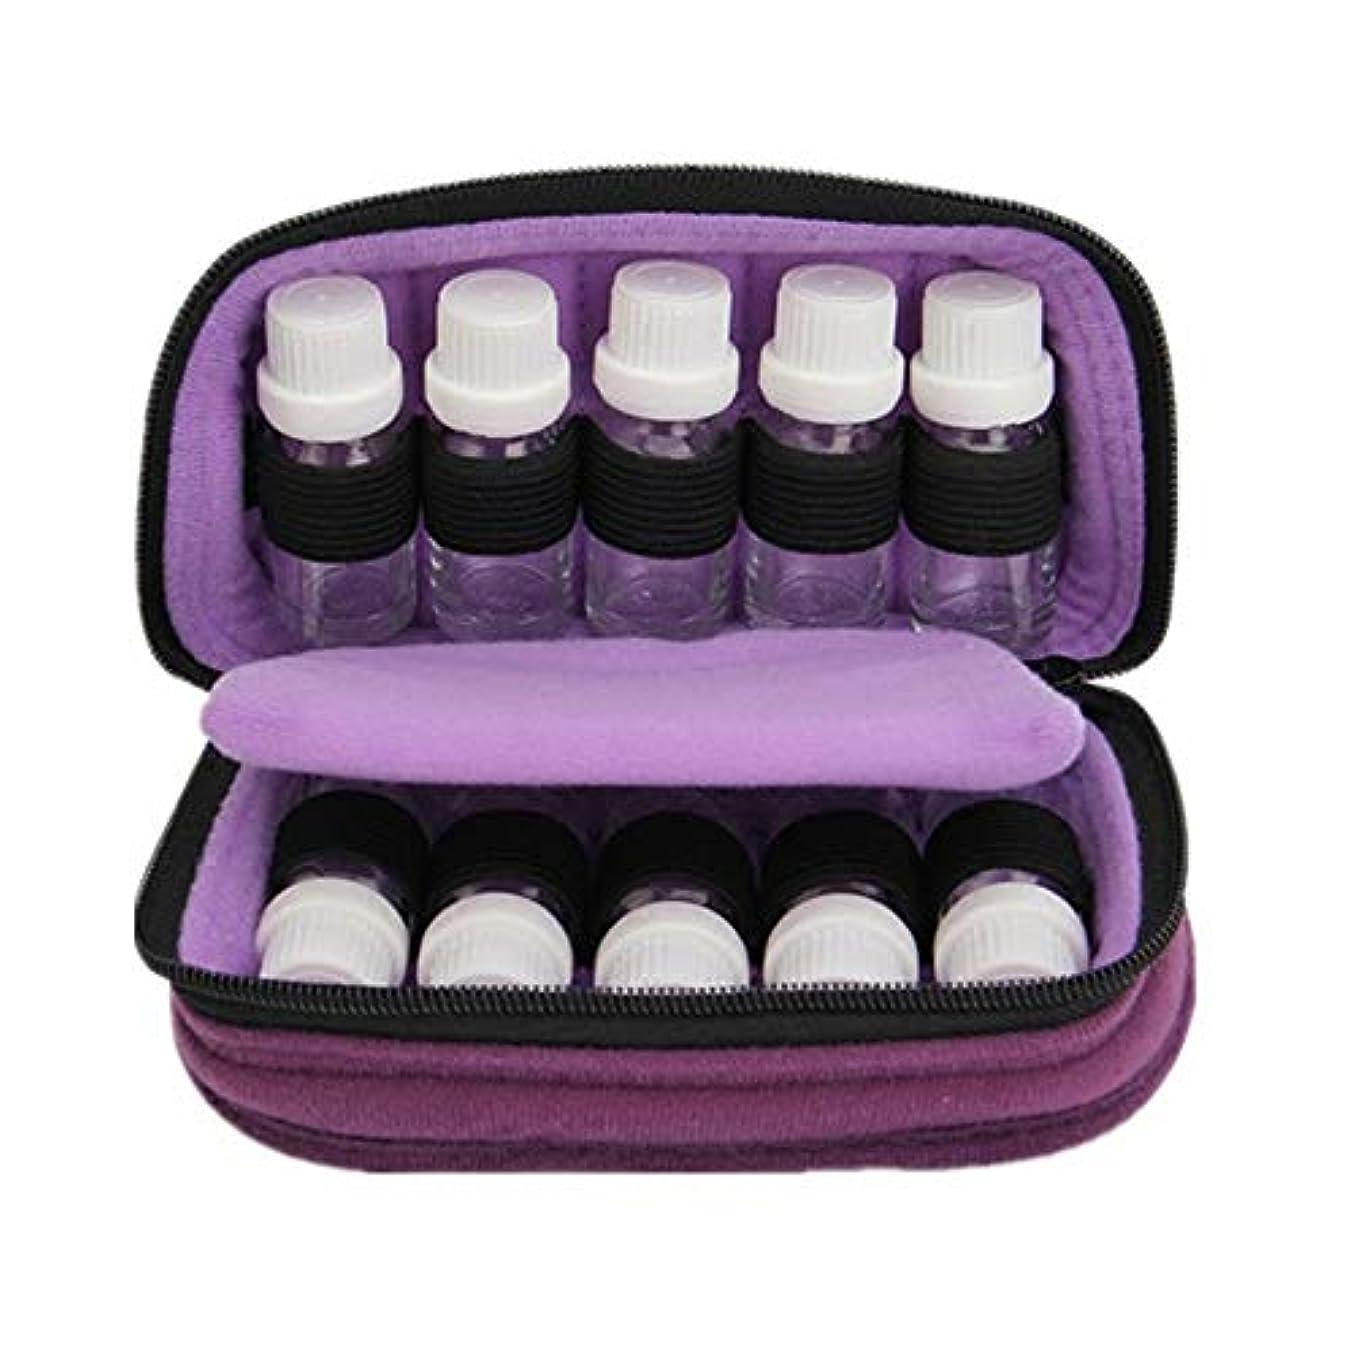 ケーキ儀式塩エッセンシャルオイルの保管 ケース収納キャリング10ボトルエッセンシャルオイルは、走行用の10&15のM1トラベルオーガナイザーポーチバッグパーフェクトにフィット (色 : 紫の, サイズ : 18X10X7.5CM)